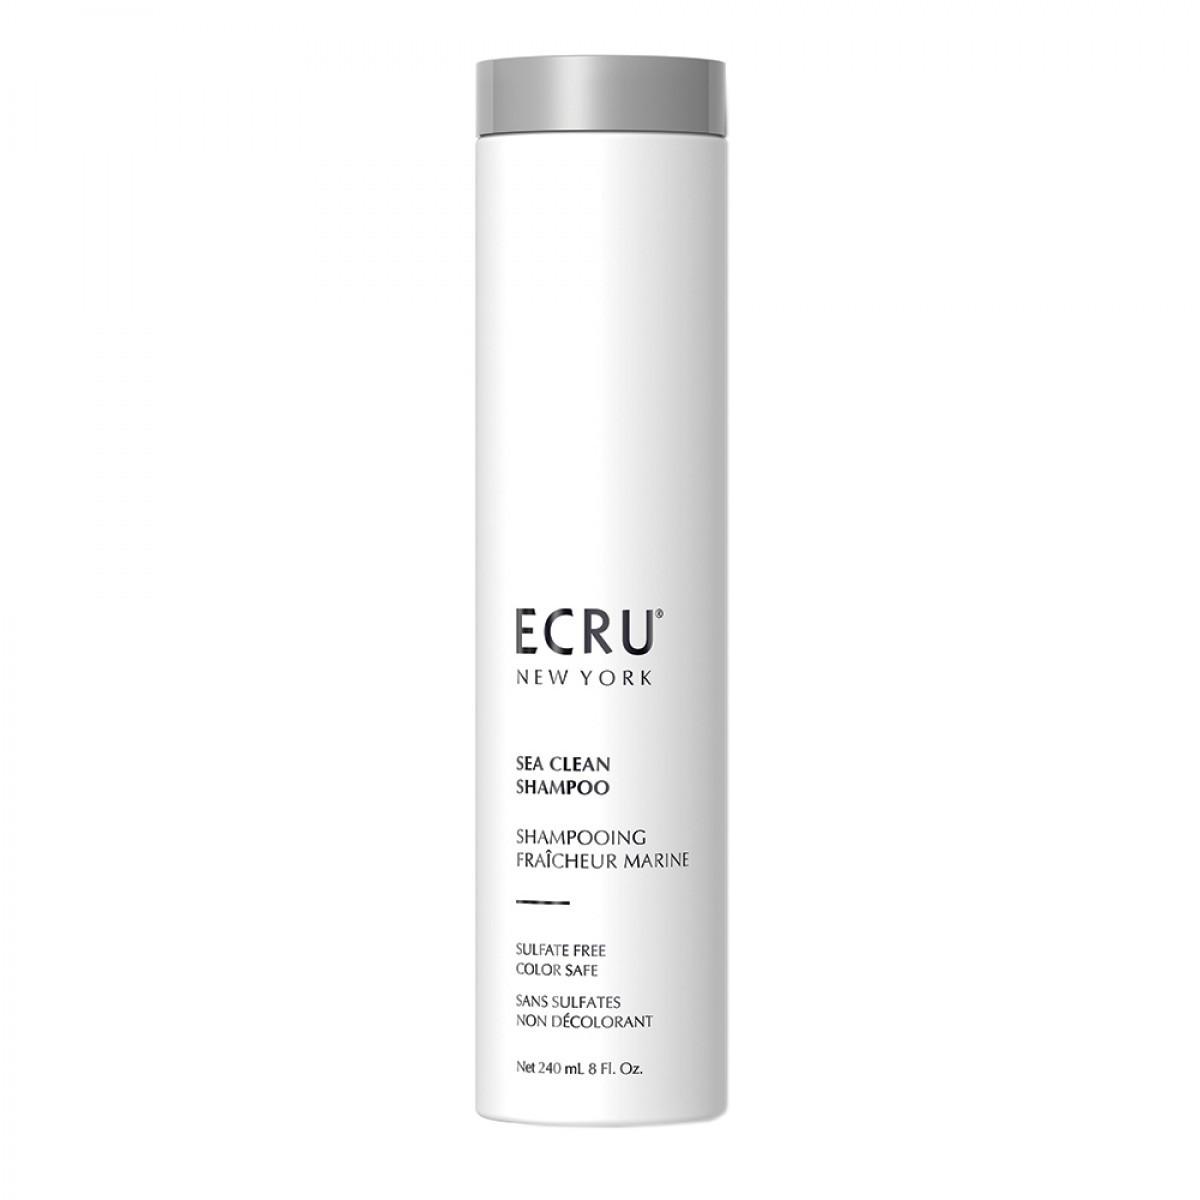 Шампунь Sea Clean Shampoo ECRU USA 240 мл(р) — фото №1